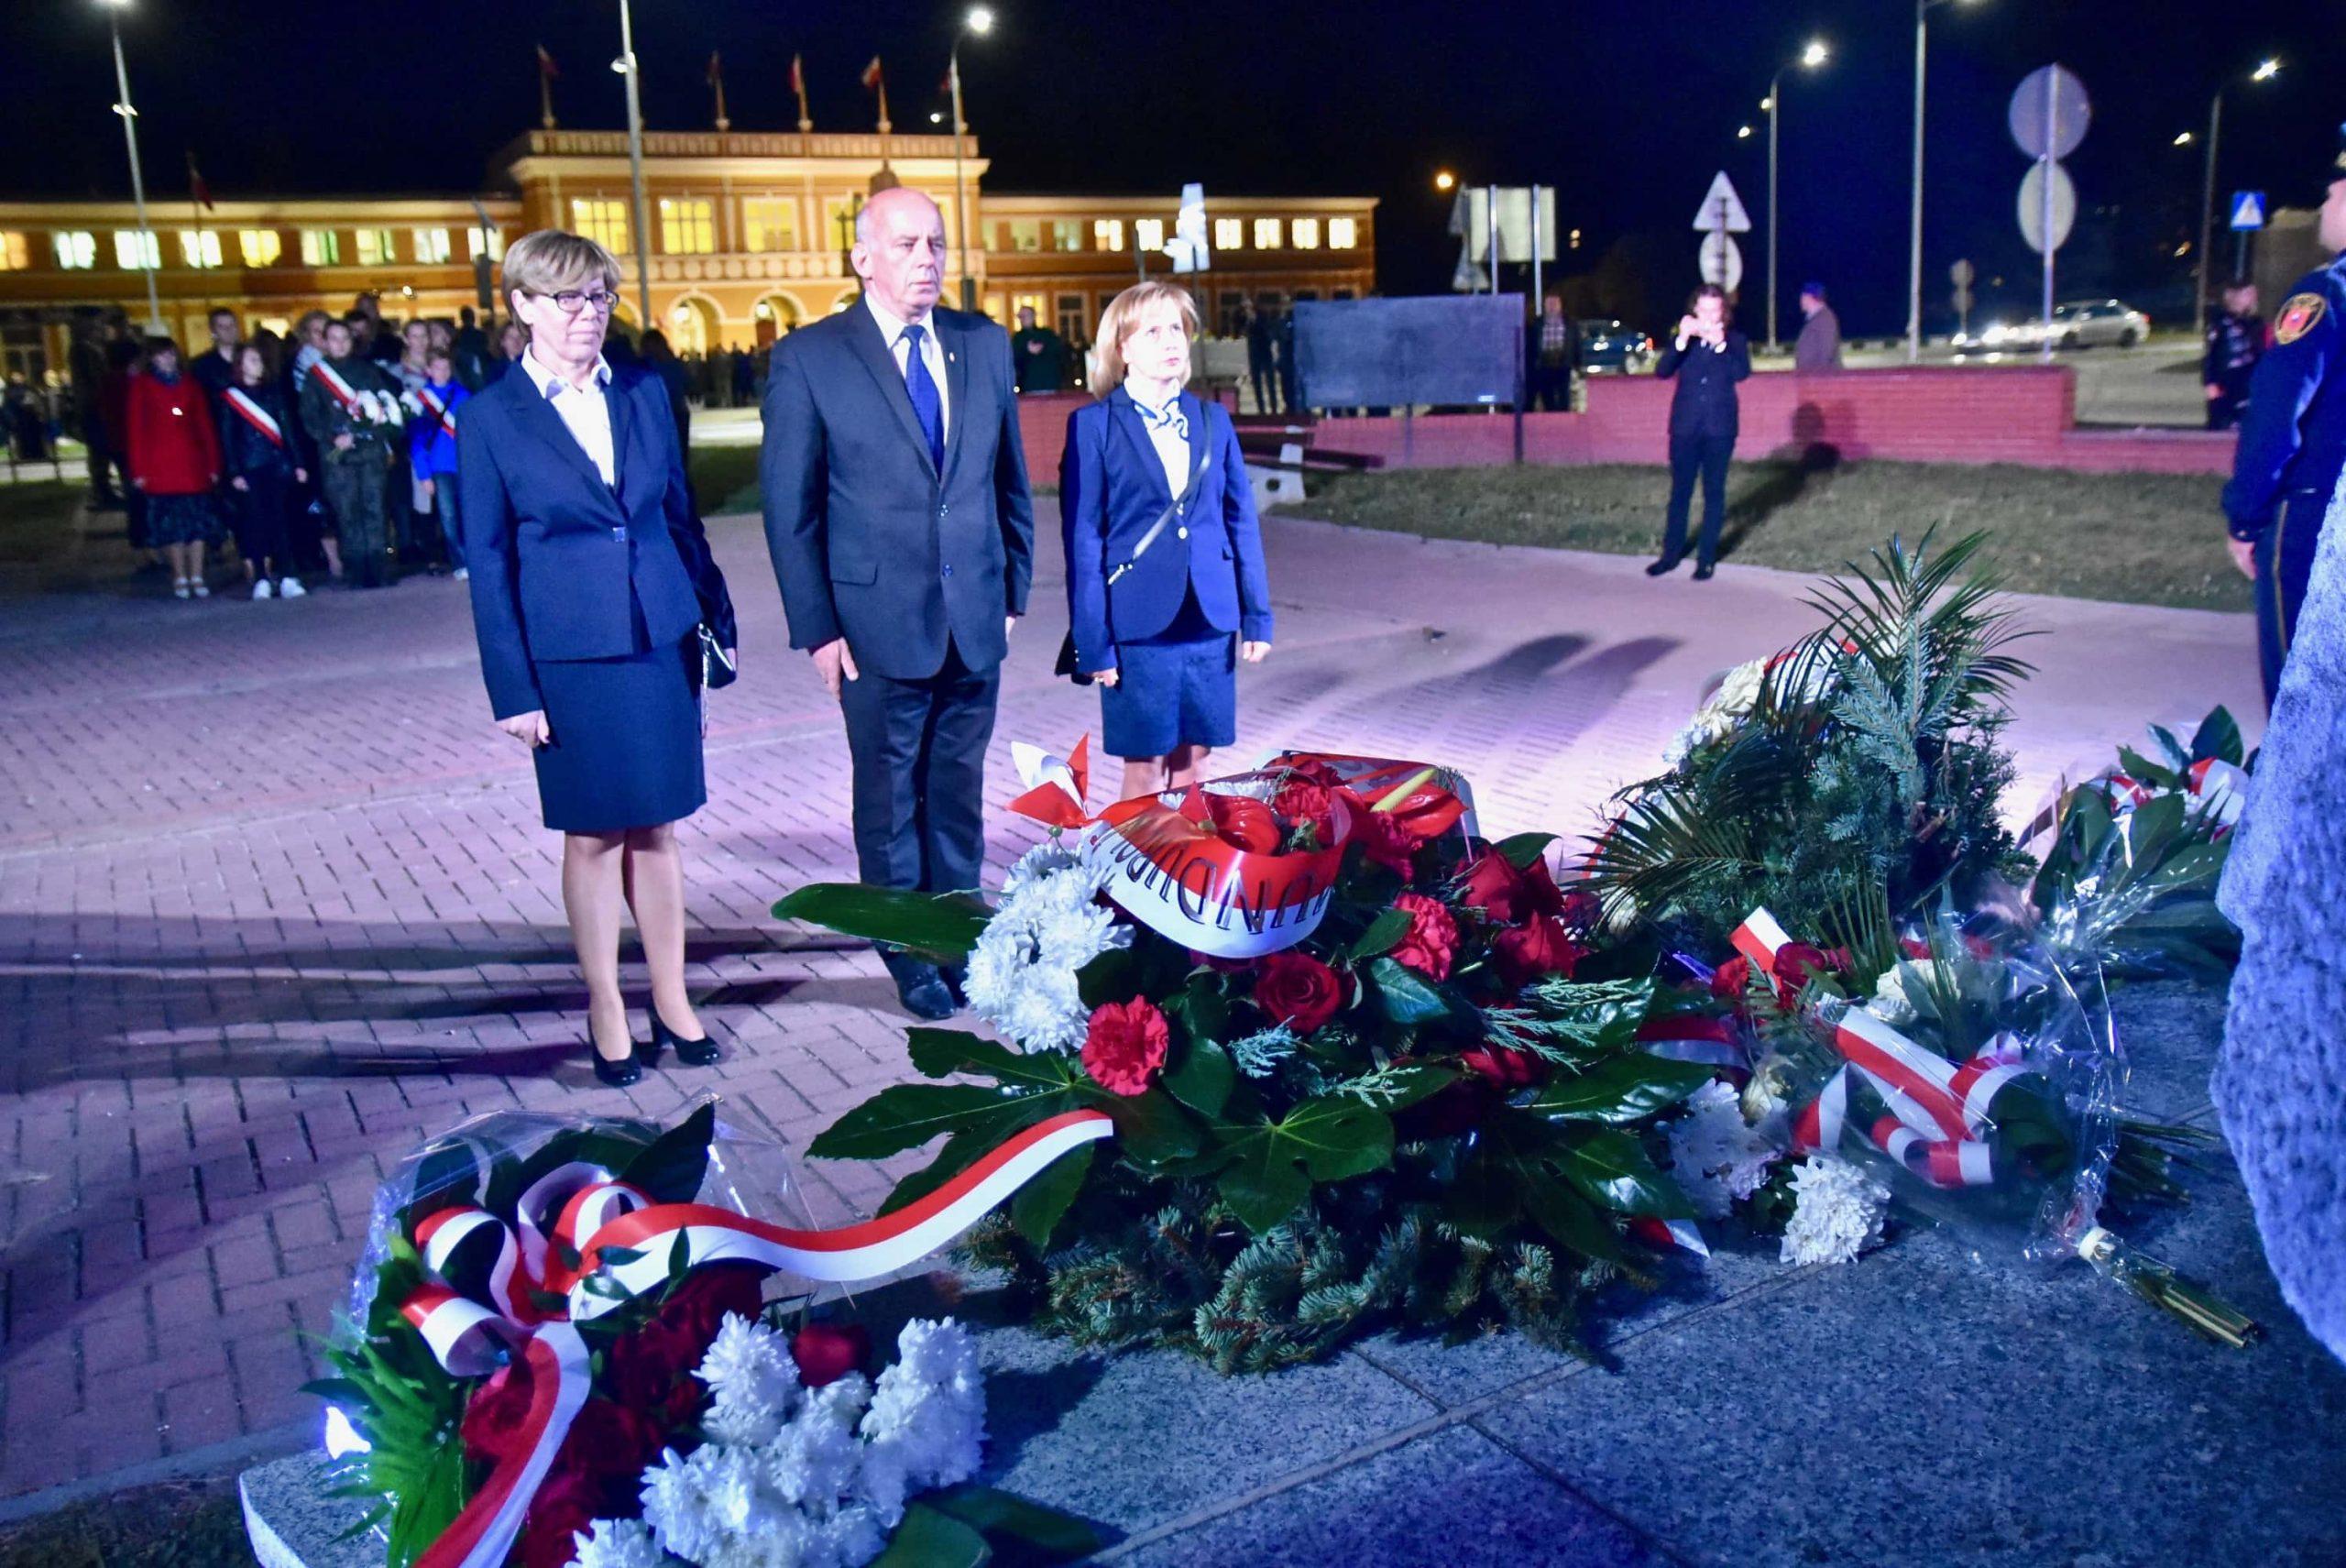 dsc 7828 scaled 80. rocznica agresji sowieckiej na Polskę - uroczystości w Zamościu